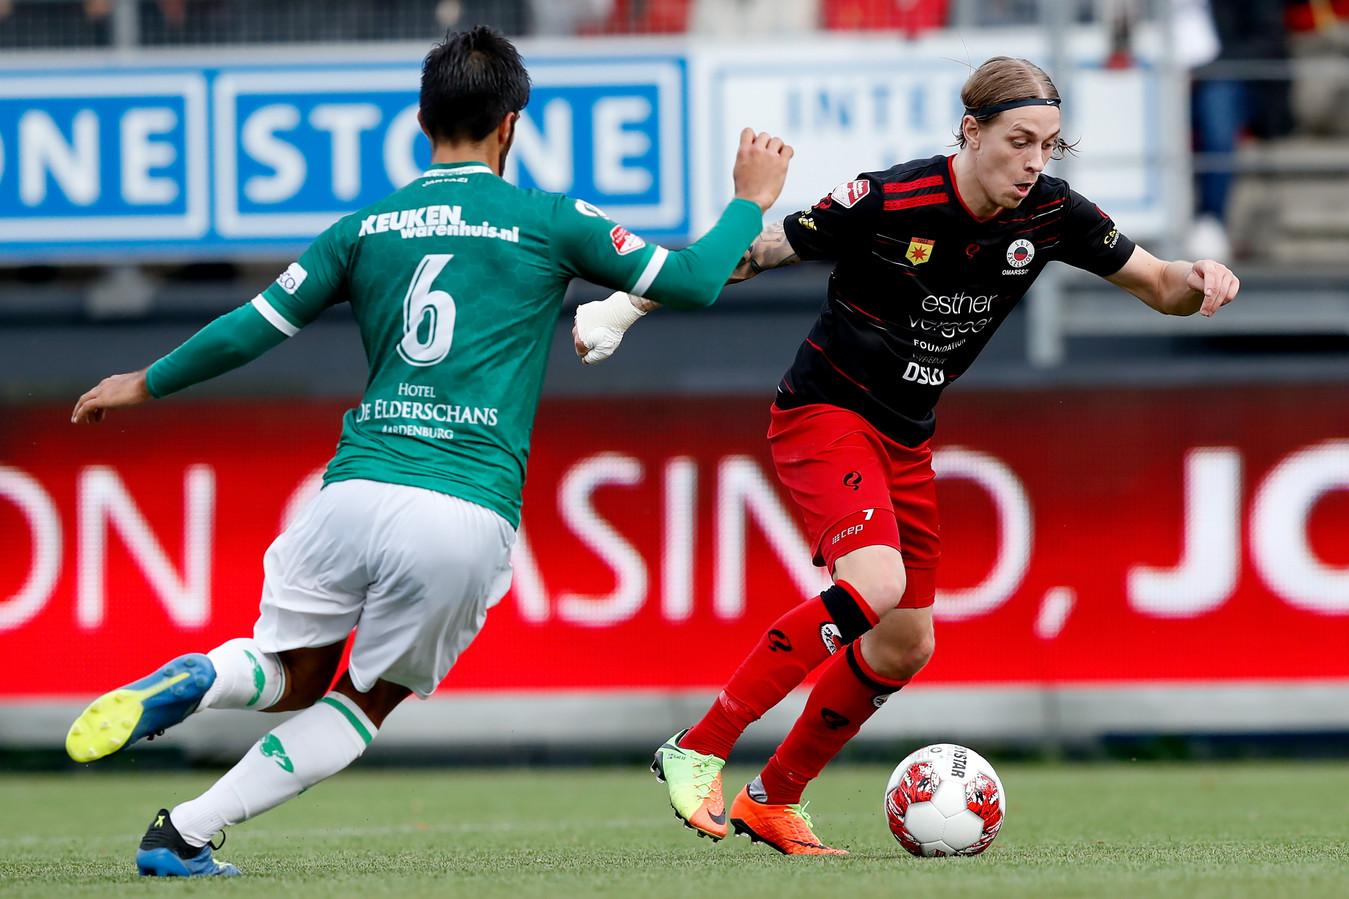 Fabian de Abreu van FC Dordrecht probeert Elias Mar Omarsson te achterhalen.